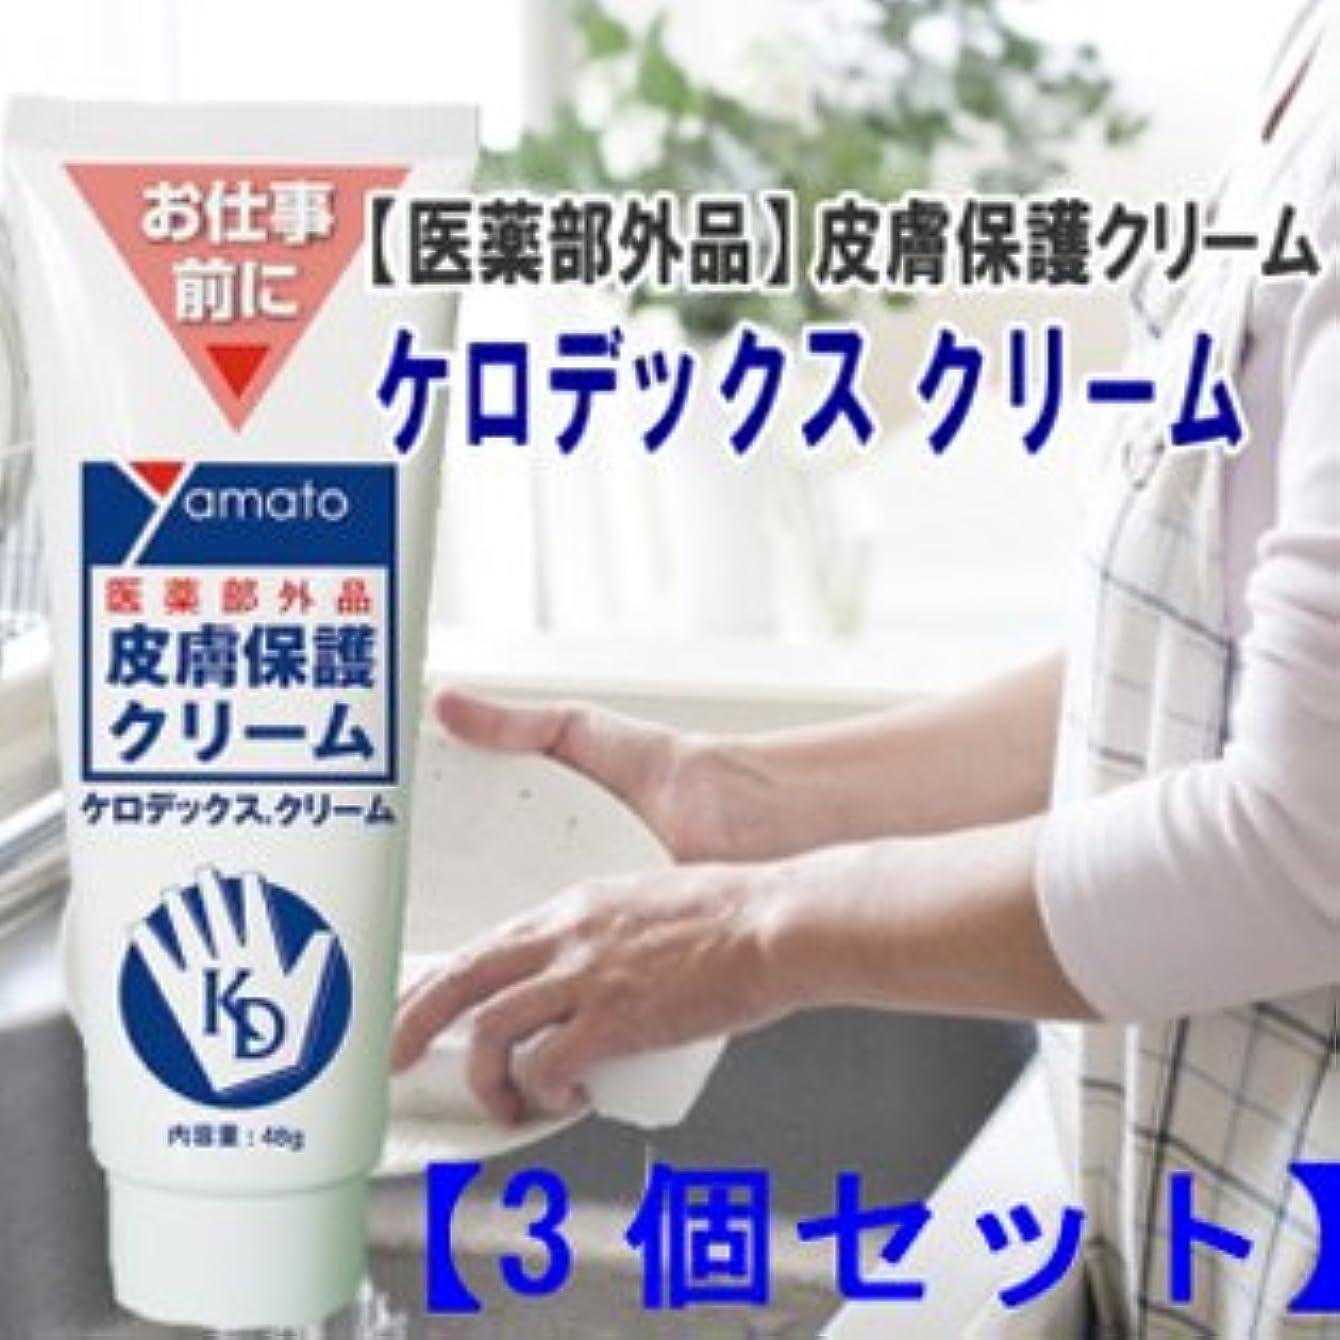 分析おもしろい責め医薬部外品 皮膚保護クリーム ケロデックスクリーム48g 3個セット